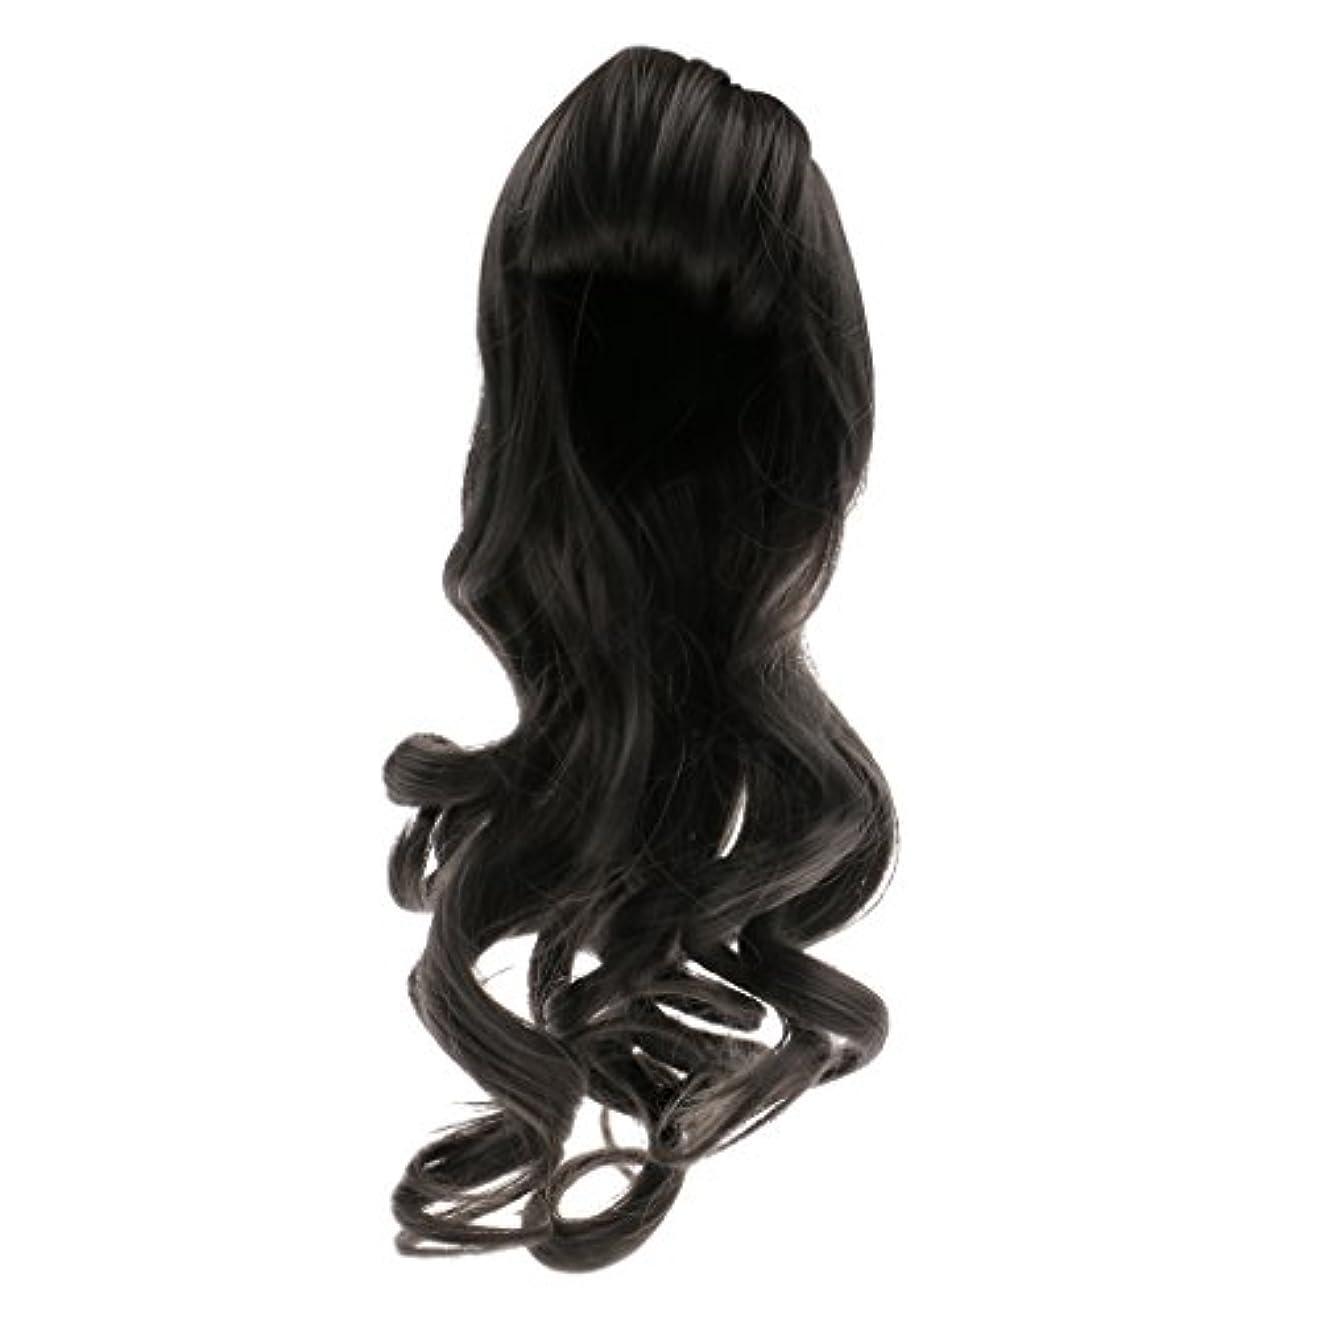 パキスタン湿気の多い浮くBlesiya 人形用 ドールウィッグ かつら 巻き毛 波状髪 セクシー 前髪 ブライス人形適用 全6色選べ  - #1